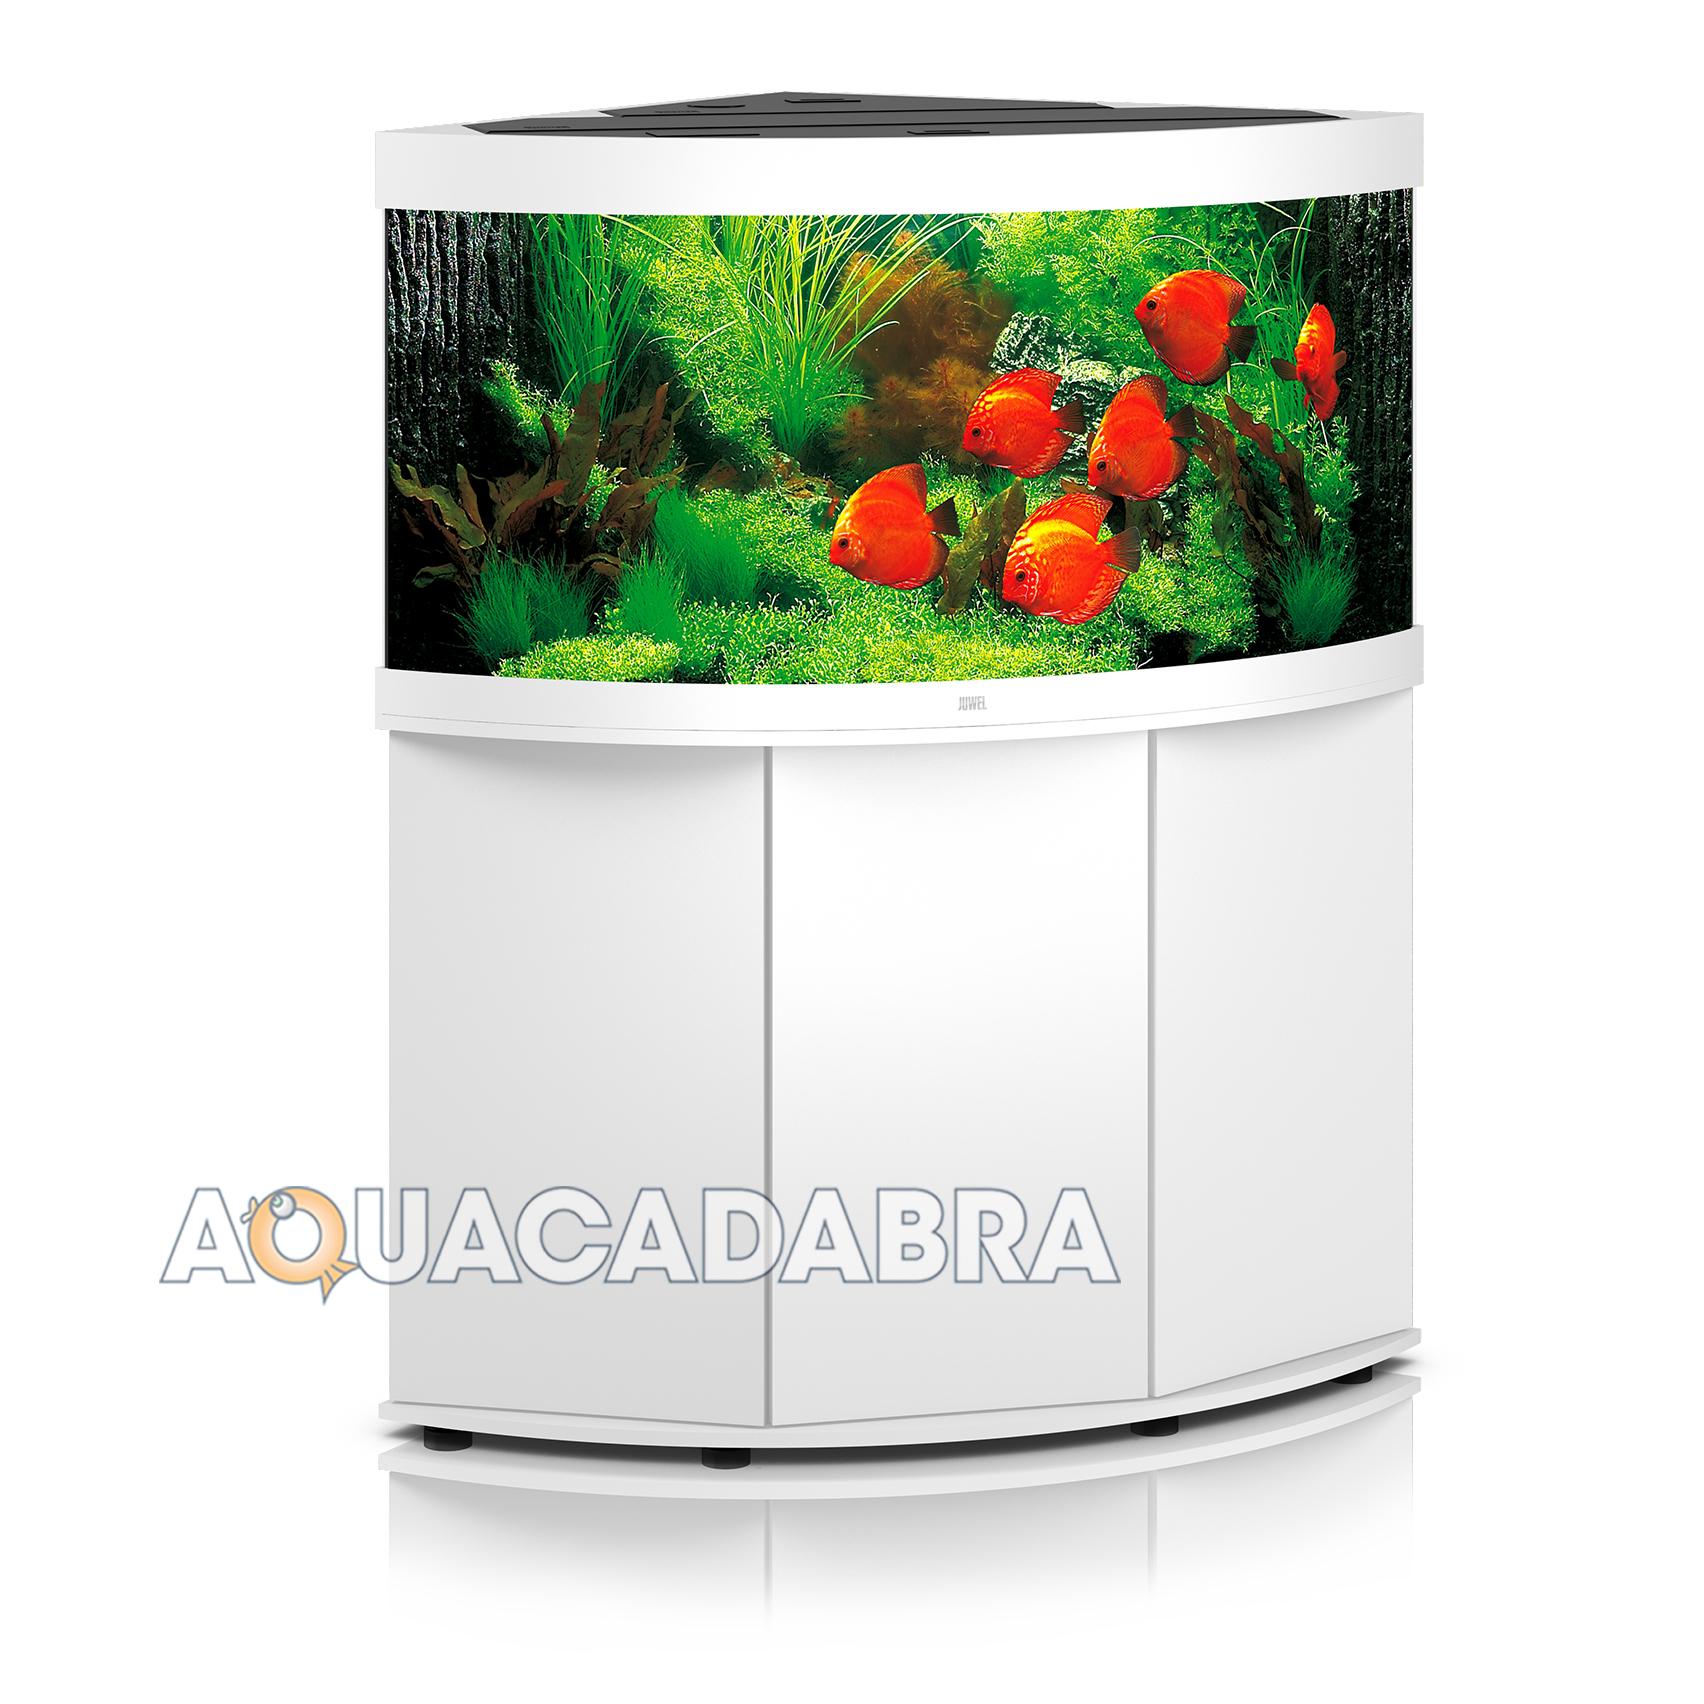 juwel trigon 350 led aquarium cabinet led lighting filter heater ebay. Black Bedroom Furniture Sets. Home Design Ideas